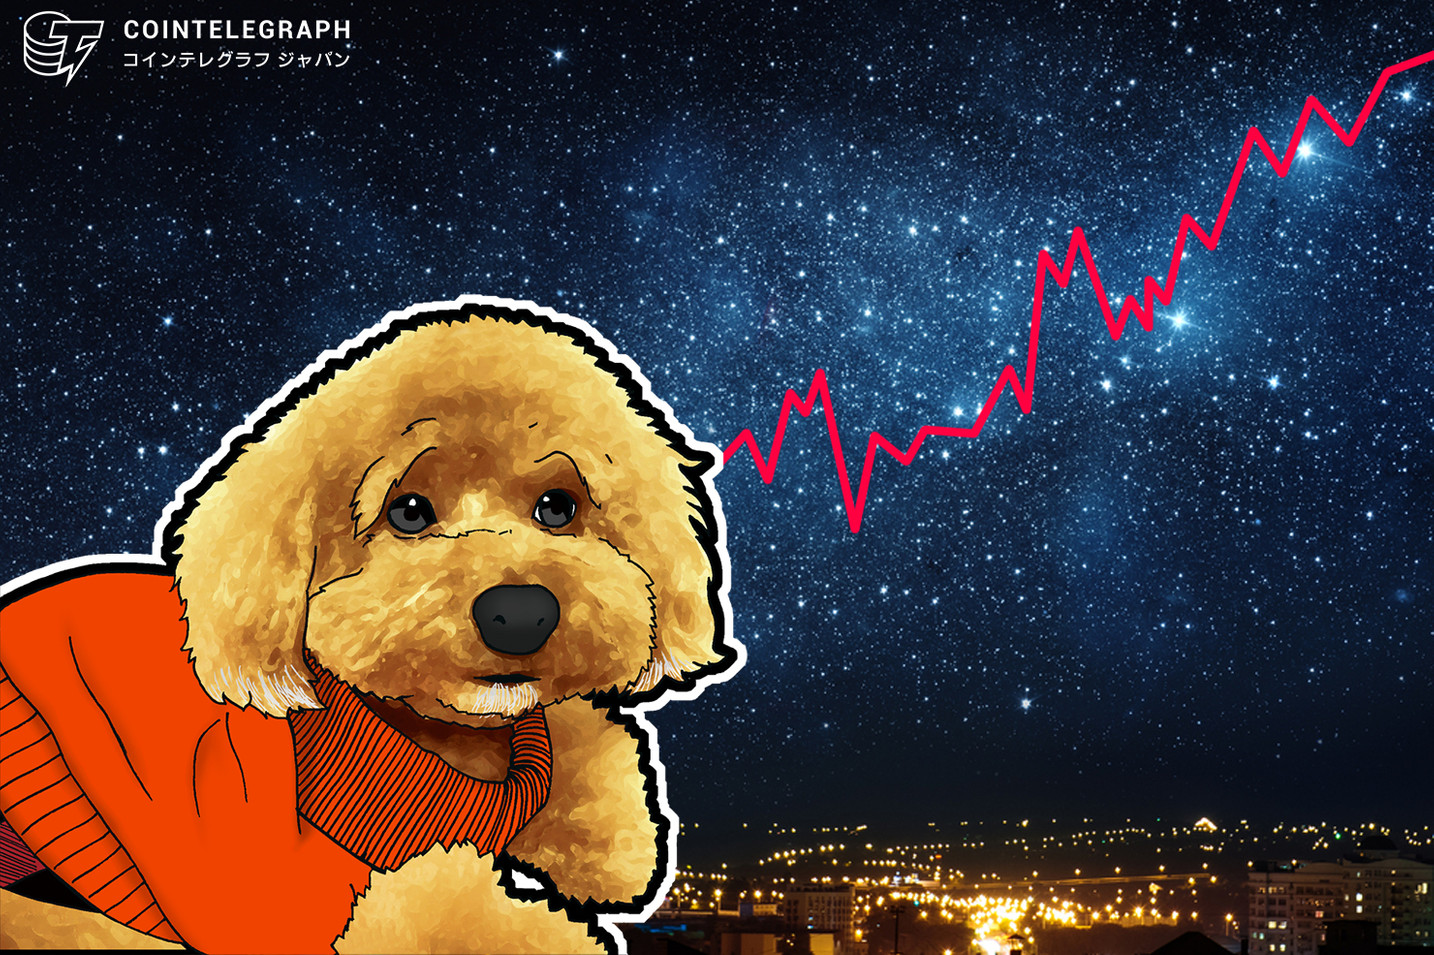 """マイクロソフトの株とビットコインのチャートが酷似!?占星術を使いこなすトレーダー""""トシムリン""""流の投資哲学"""